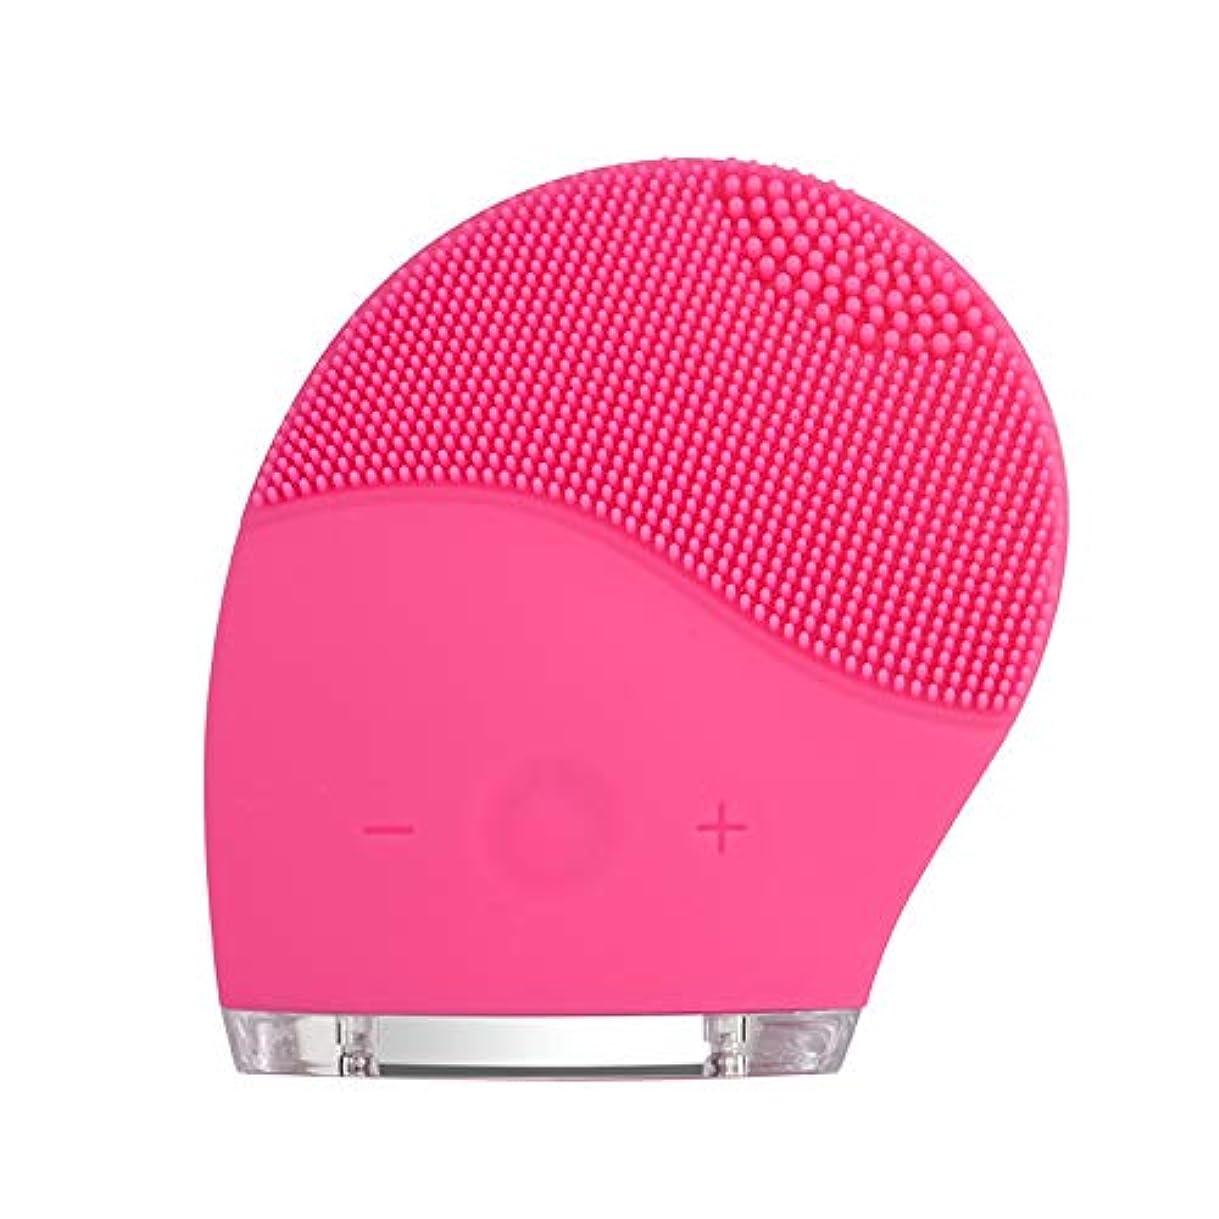 対処粘り強い確執kaixi 2019最新のシリコーンクレンジング楽器洗浄ブラシ電気美容器具毛穴きれいな柔らかい髪振動充電式洗浄アーティファクト